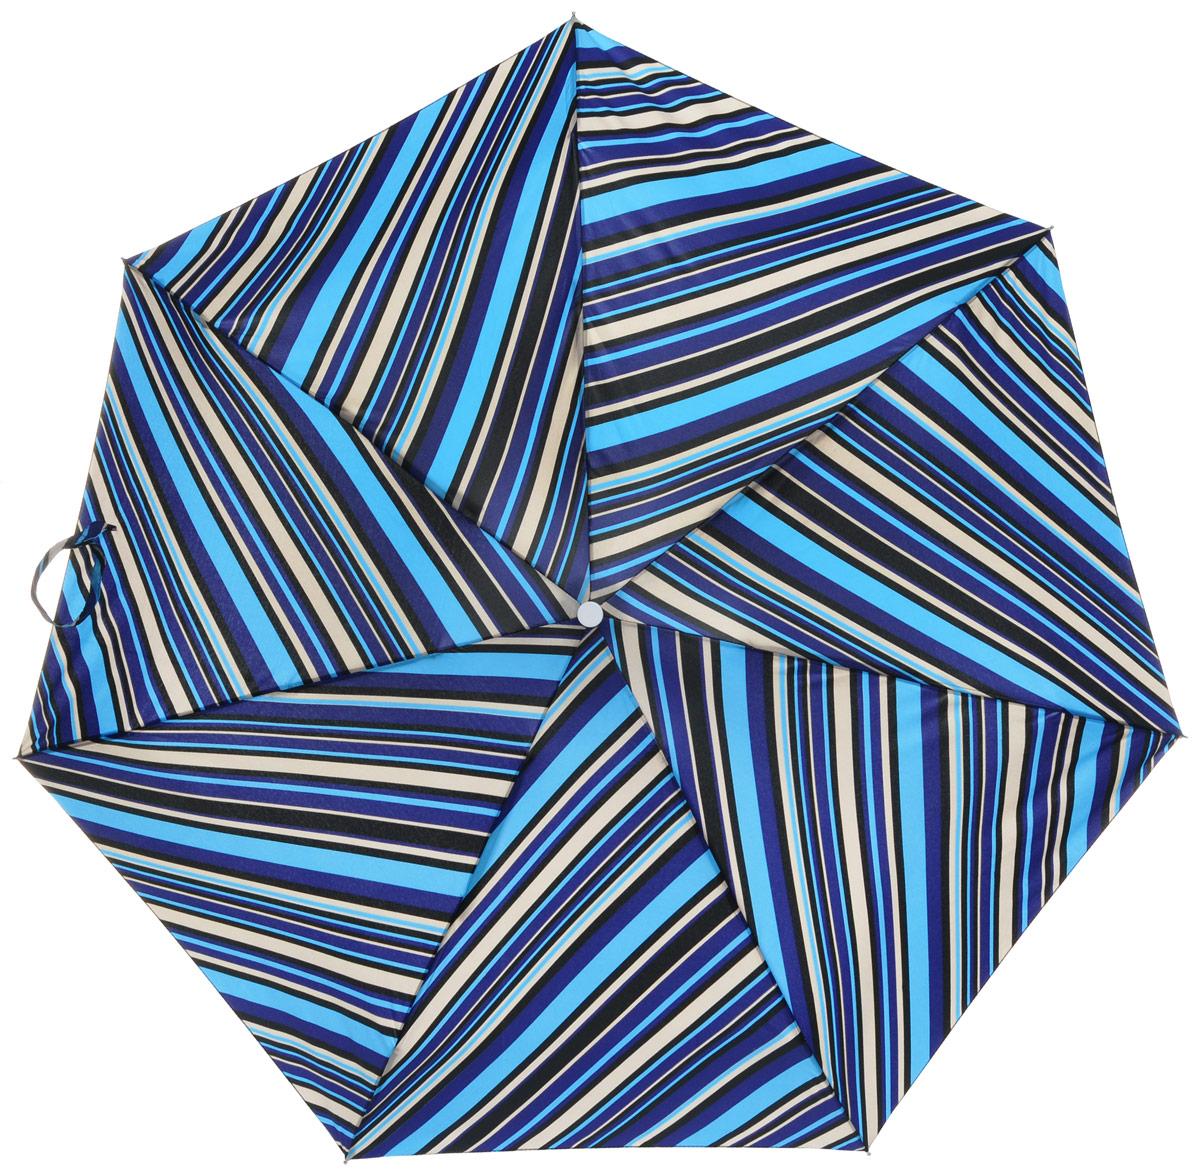 Зонт женский Labbra, механика, 5 сложений, цвет: синий. M5-05-013M5-05-013Яркий зонт Labbra не оставит вас незамеченной. Зонт оформлен оригинальным изображением полосок. Стержень изделия изготовлен из алюминия. Зонт состоит из семи спиц, изготовленных из фибергласса и алюминия, дополнен ручкой из пластика. Купол выполнен из качественного полиэстера, который не пропускает воду. Зонт имеет механический способ сложения: и купол, и стержень открываются вручную до характерного щелчка. Ручка дополнена петлей, благодаря которой зонт можно носить на запястье. К зонту прилагается чехол. Практичный аксессуар даже в ненастную погоду позволит вам оставаться стильной и элегантной.